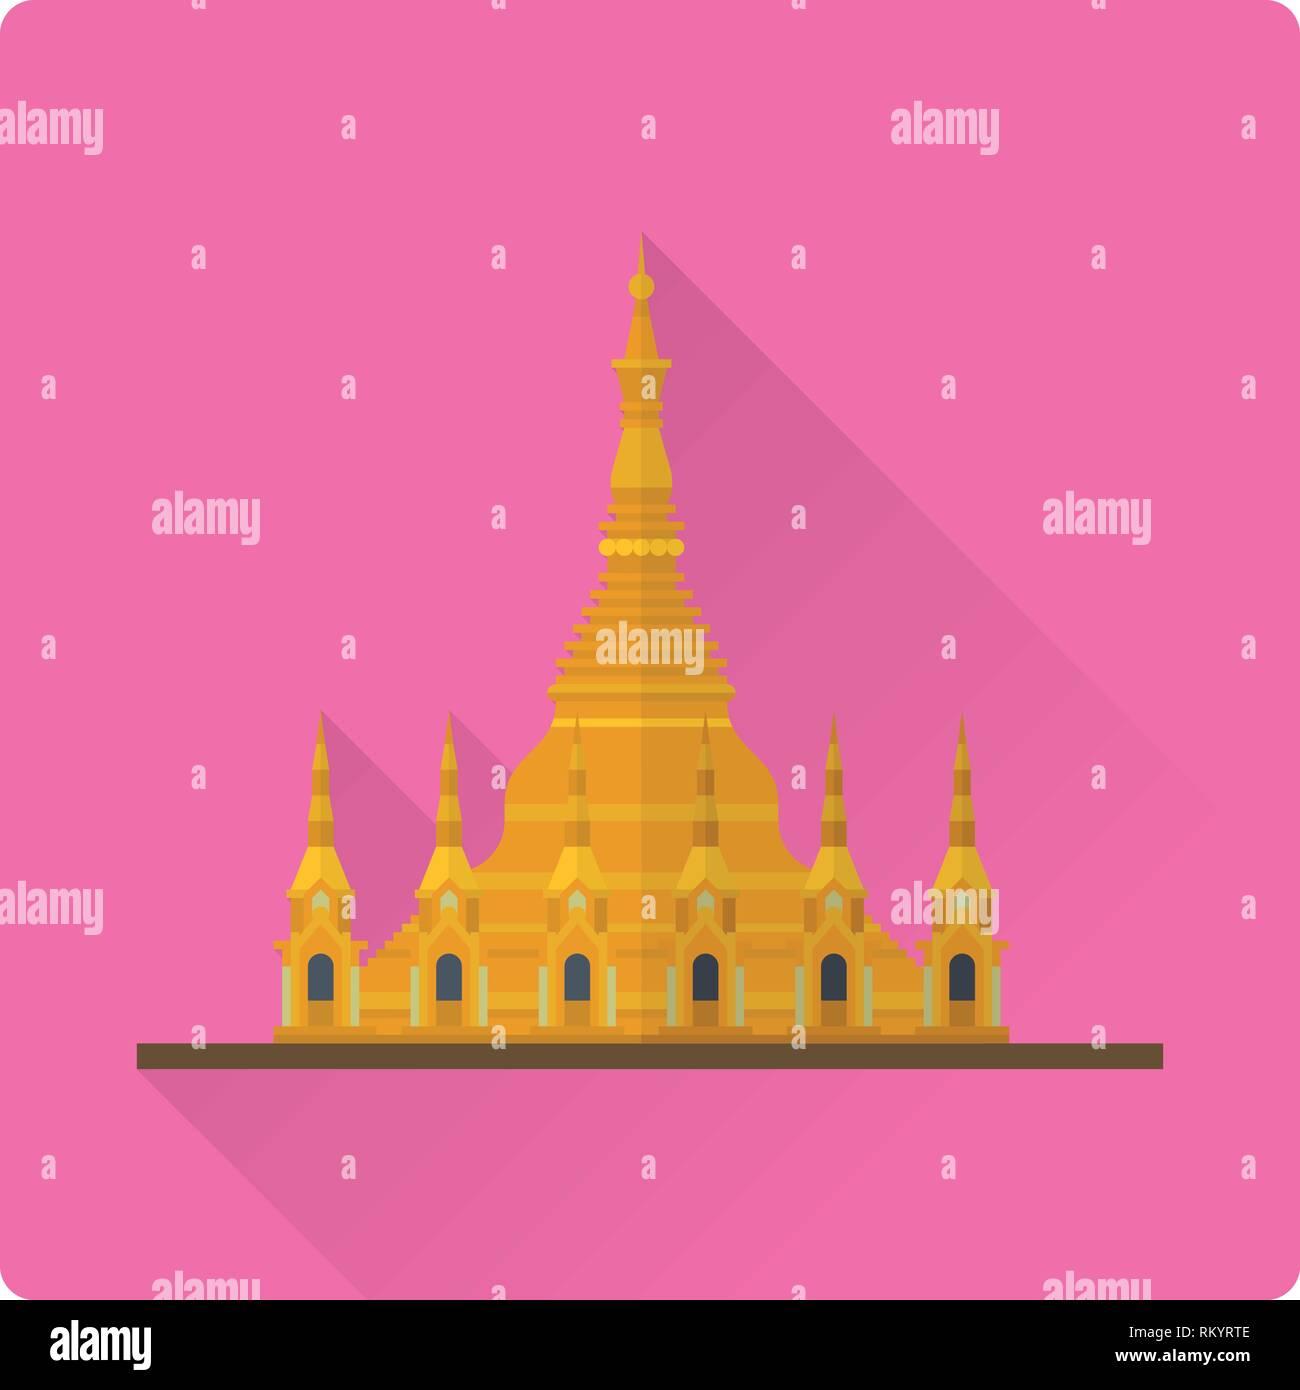 Flat design long shadow vector icon of Shwedagon Pagoda, Yangon, Myanmar - Stock Vector